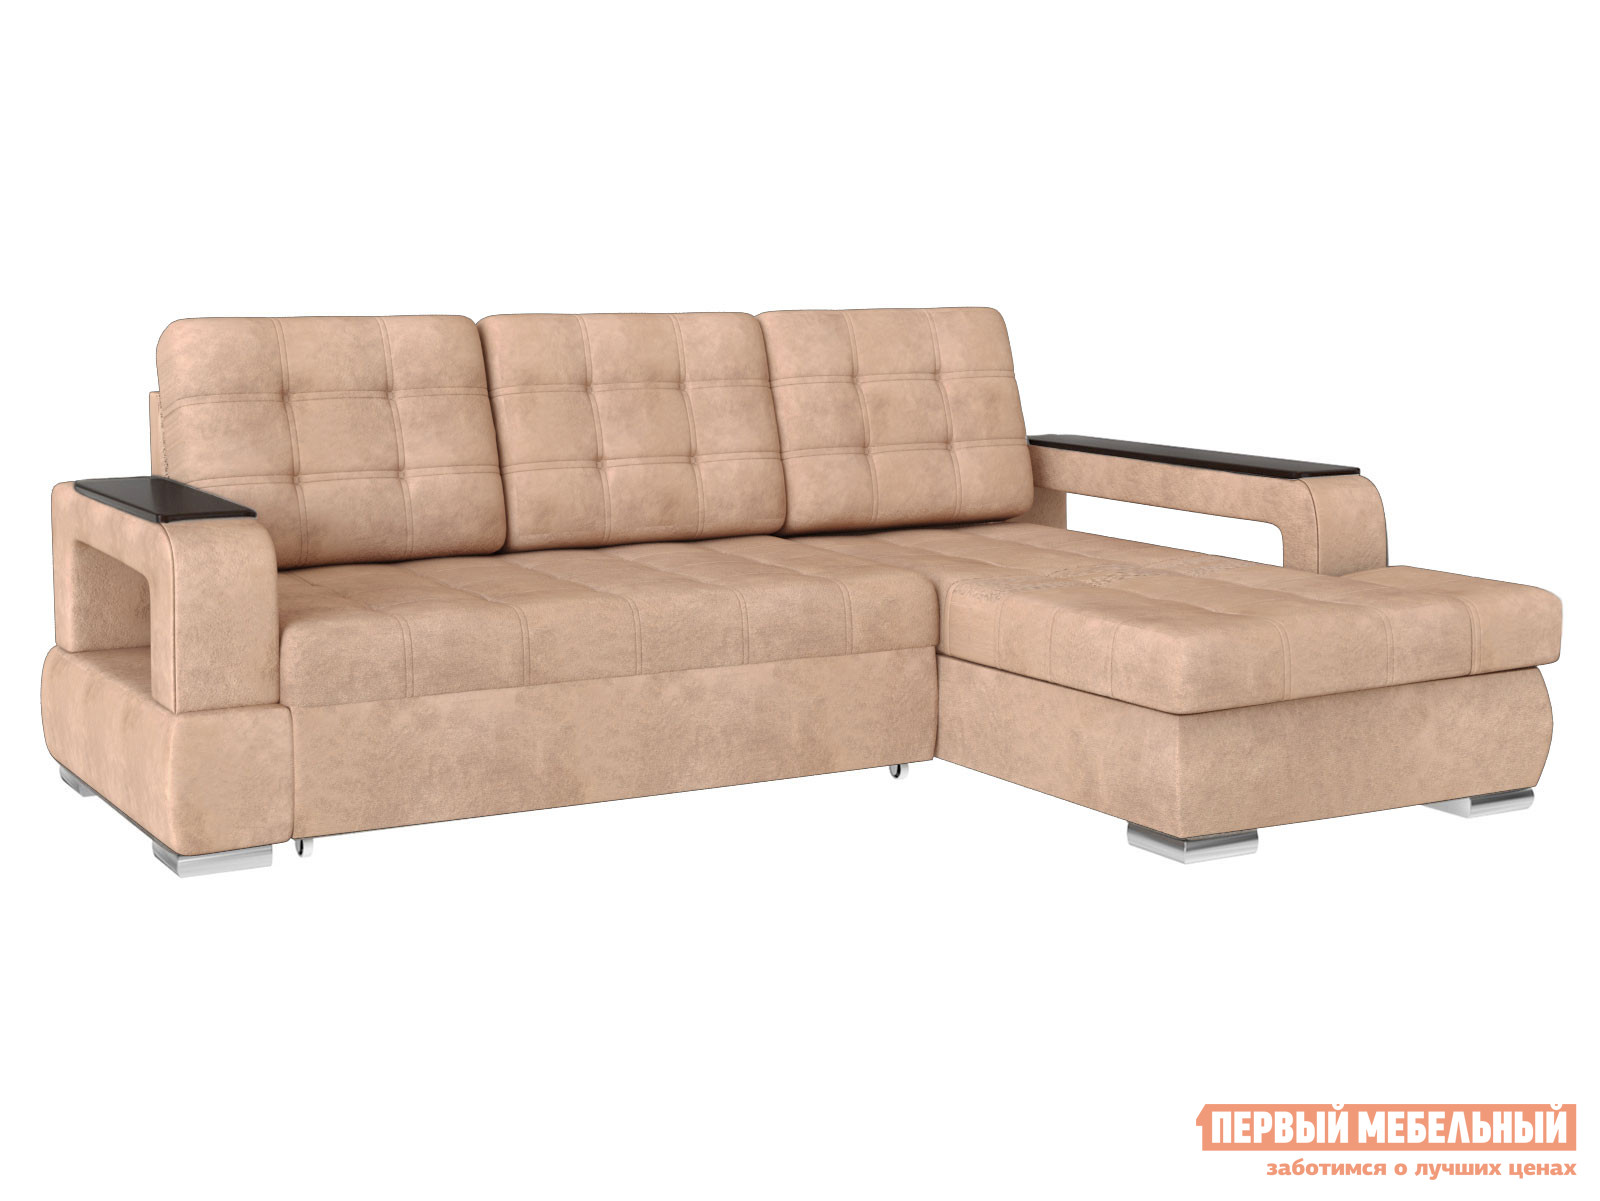 Угловой диван Виктория Люкс Угловой Oxford 200, иск. замша, Правый фото